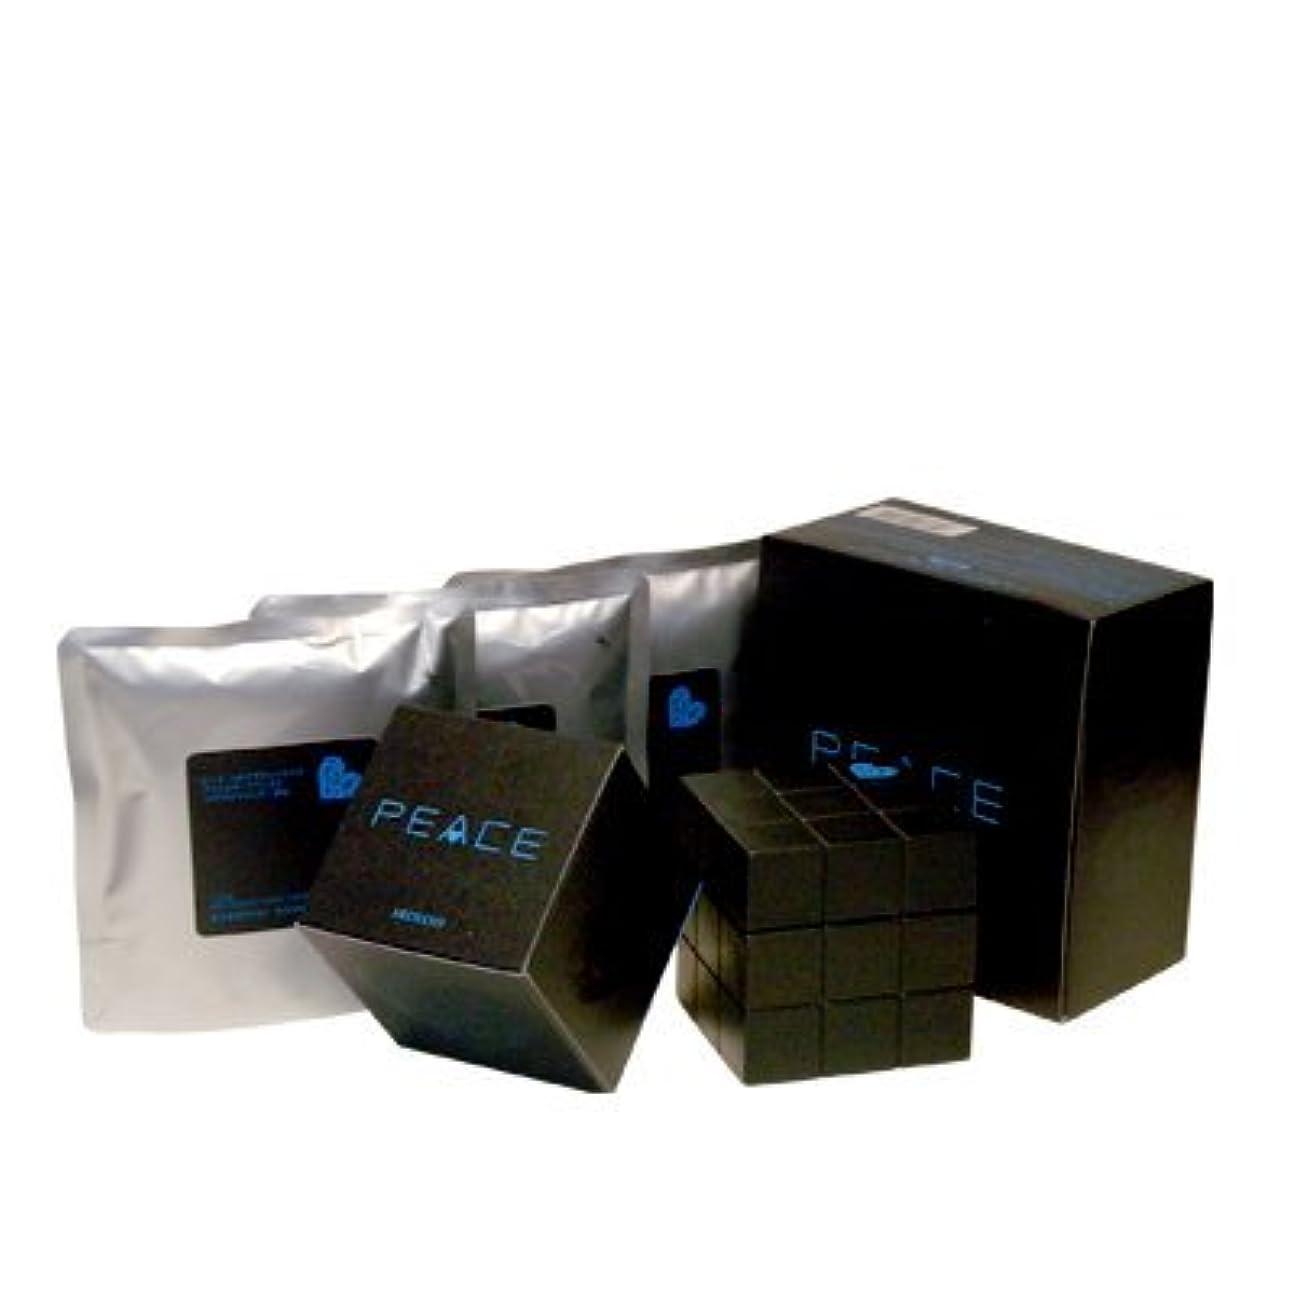 に対して用心深い芝生アリミノ ピース プロデザインシリーズ フリーズキープワックス ブラック80g+詰め替え80g×3